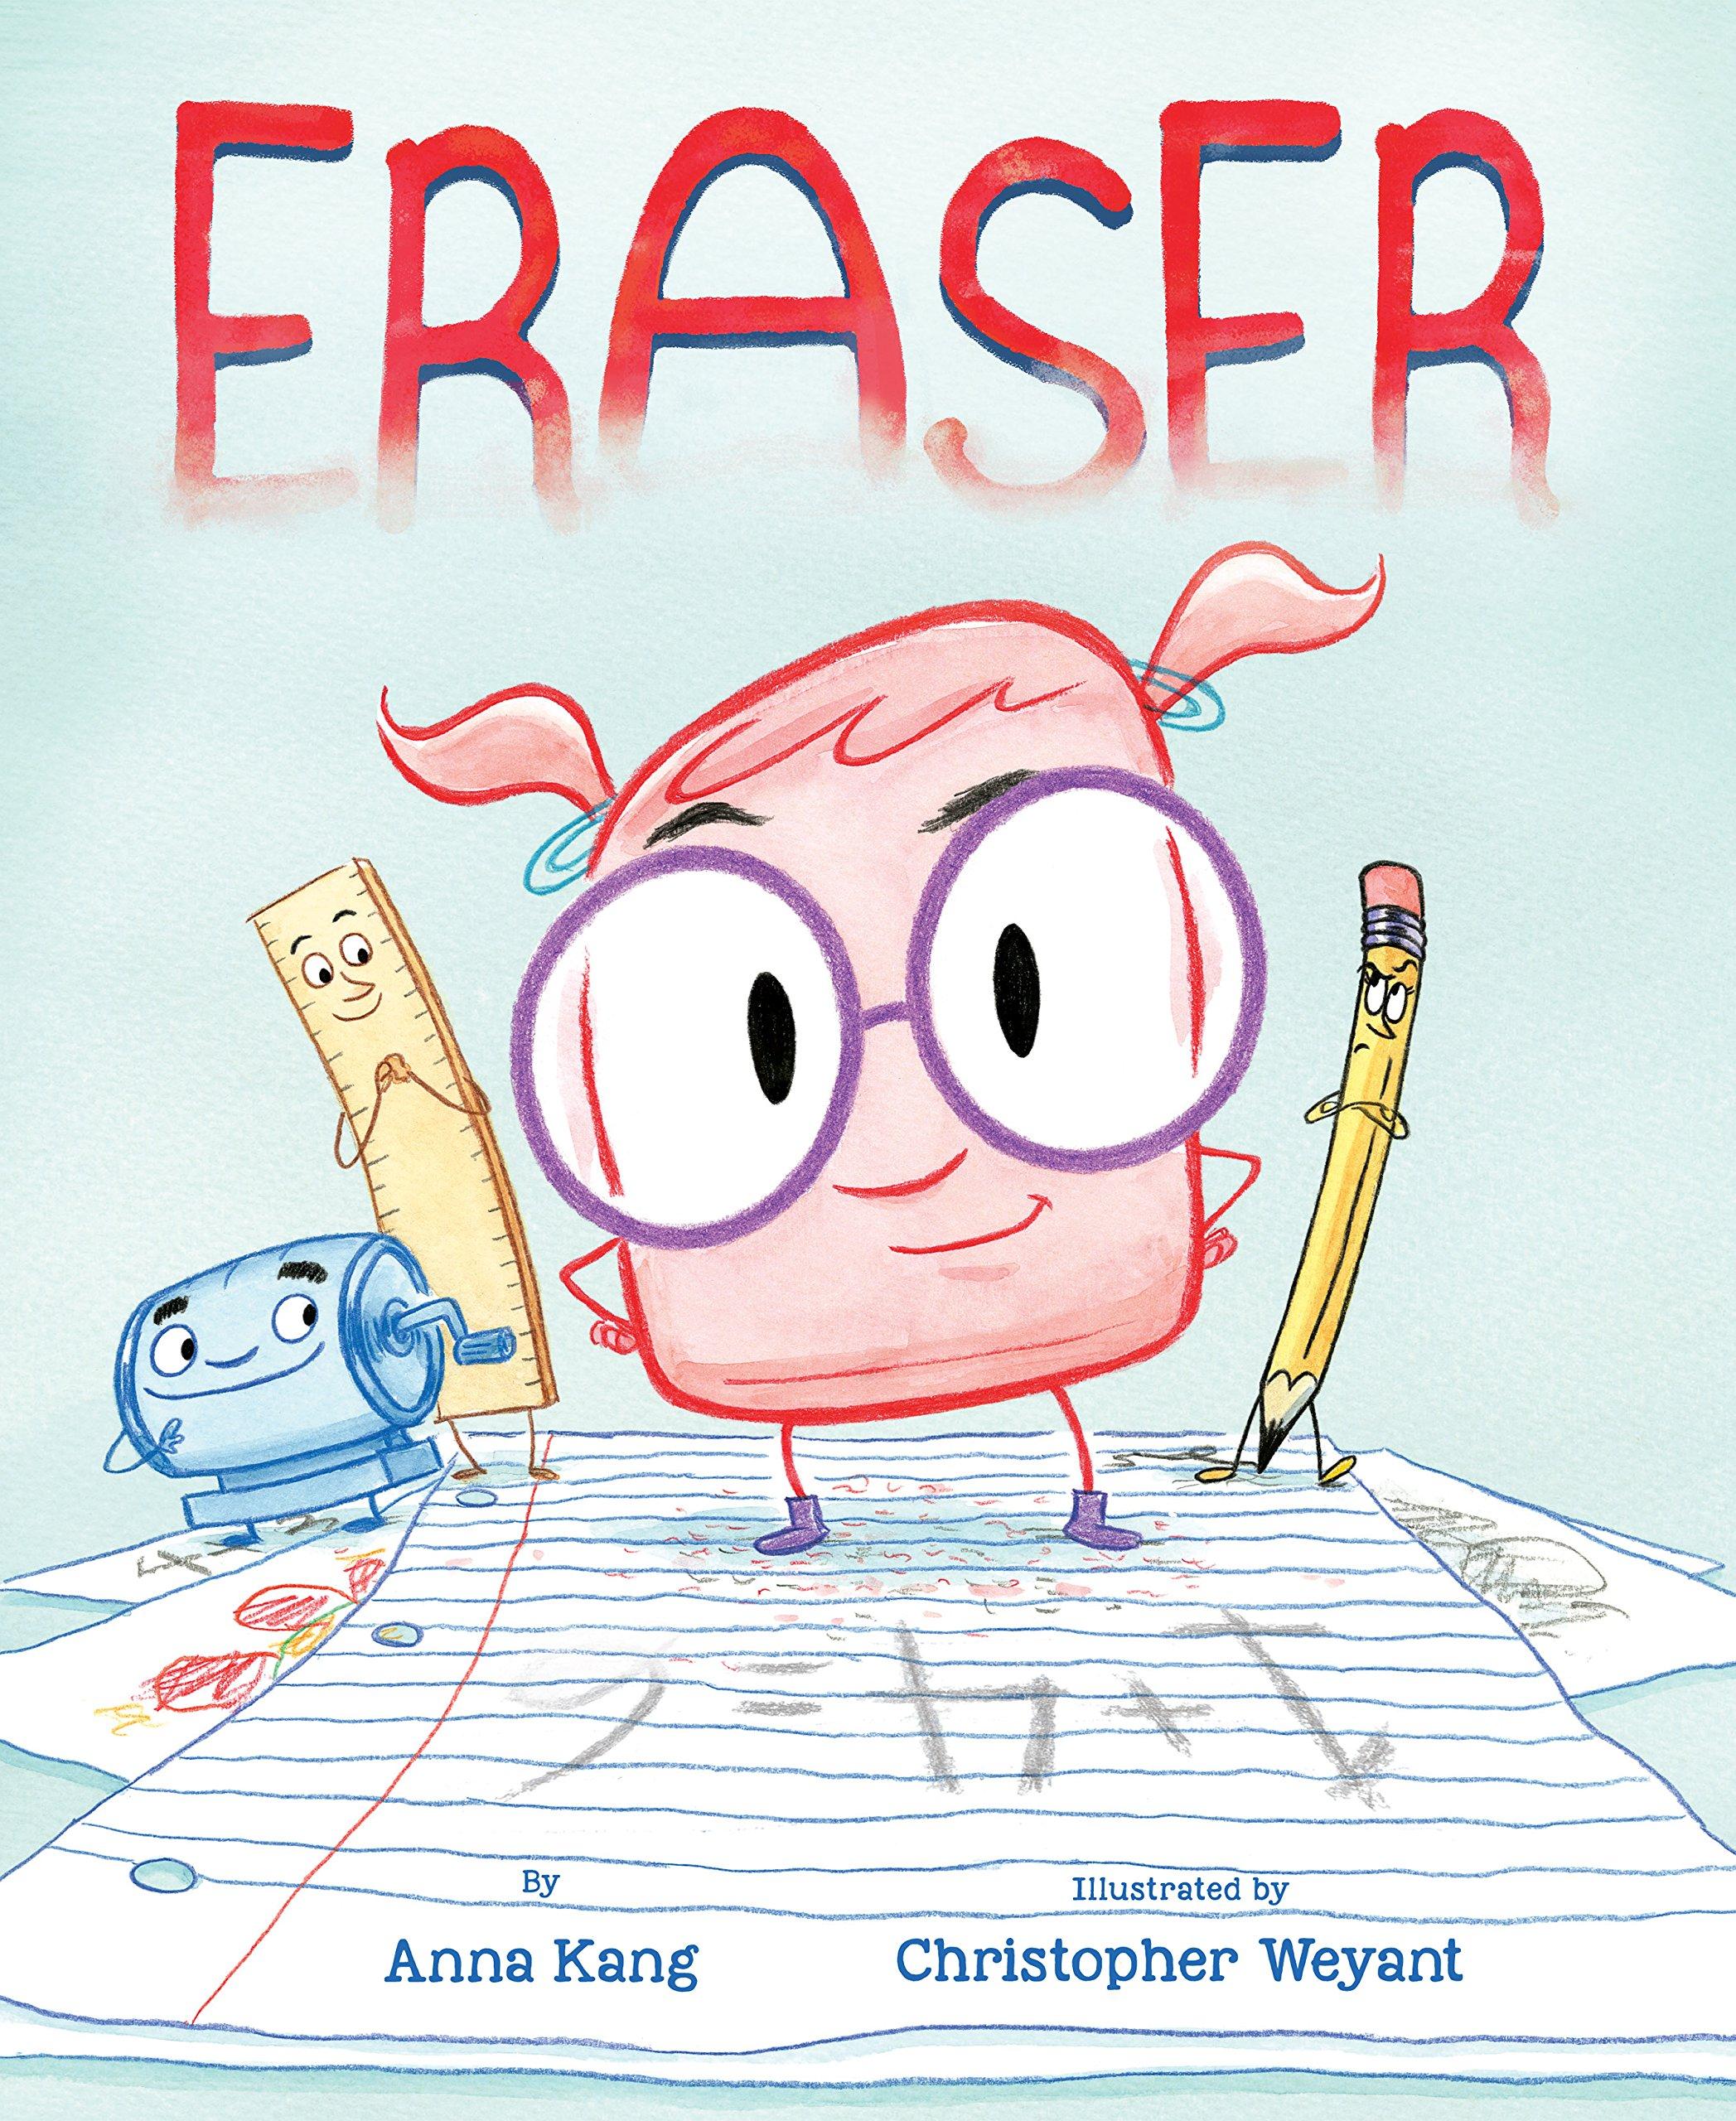 celebrate-picture-books-picture-book-review-eraser-cover